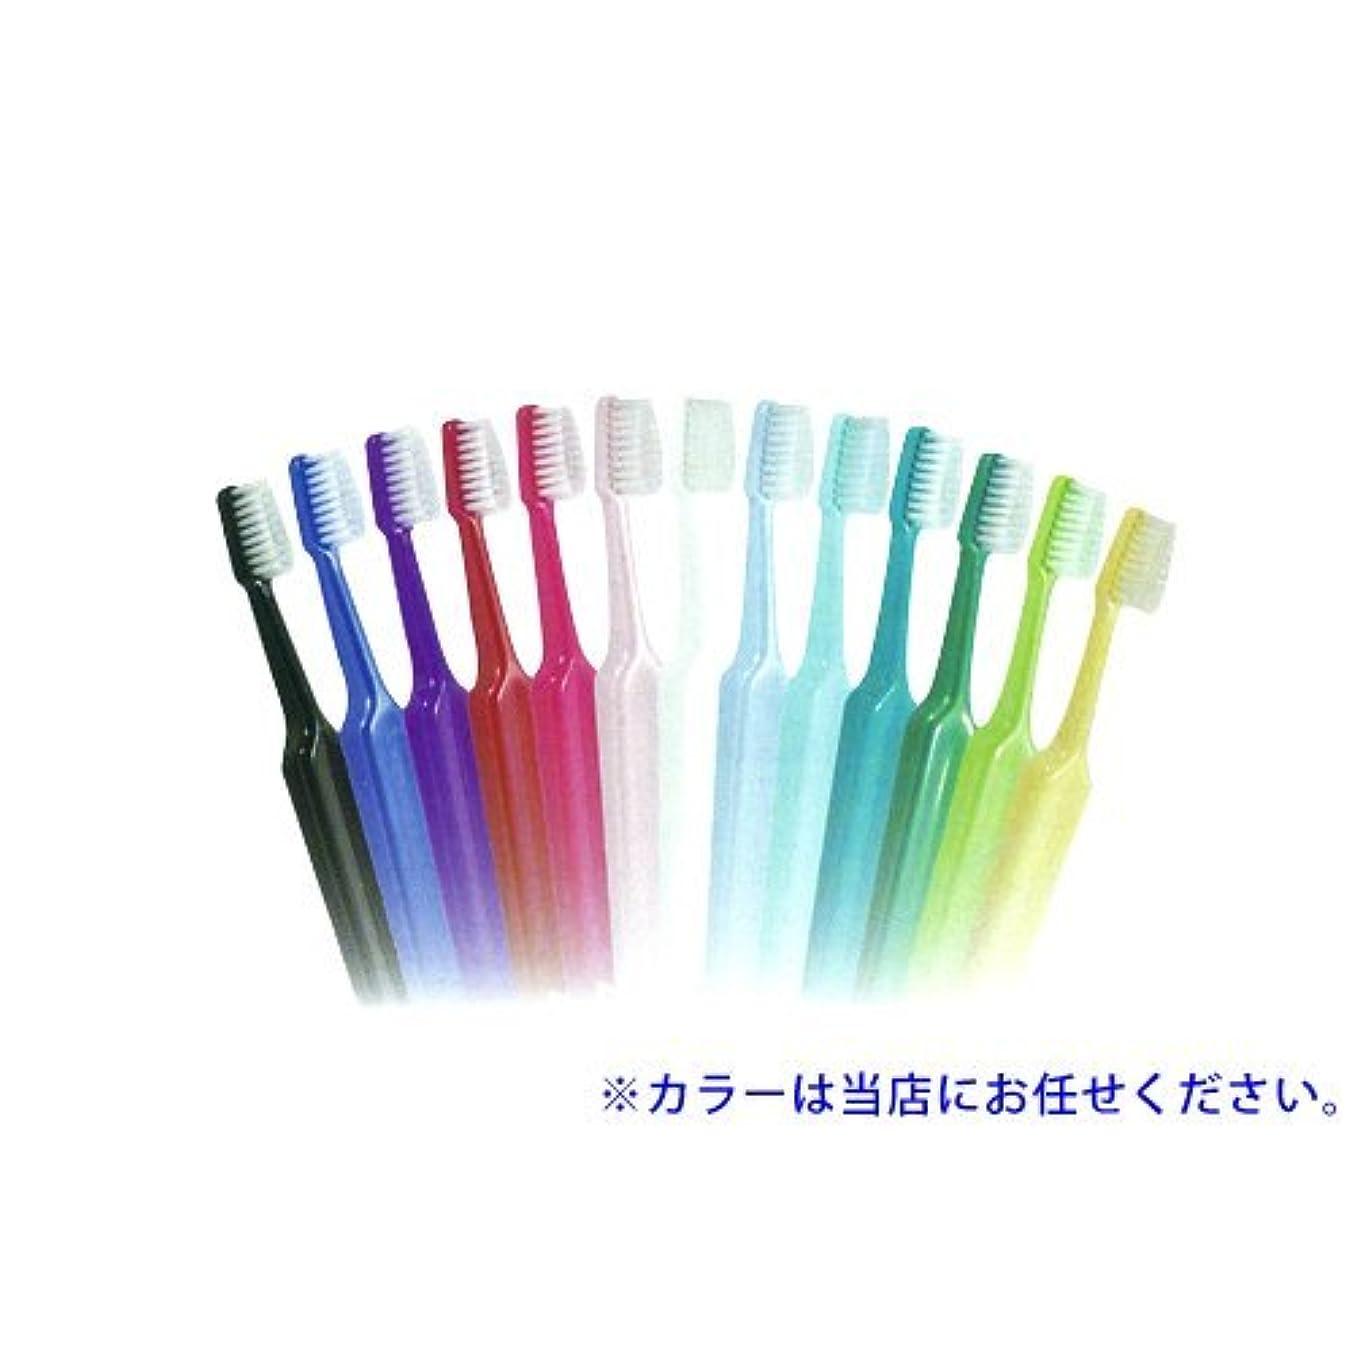 期待してライター視線クロスフィールド TePe テペ セレクト 歯ブラシ 1本 ソフト